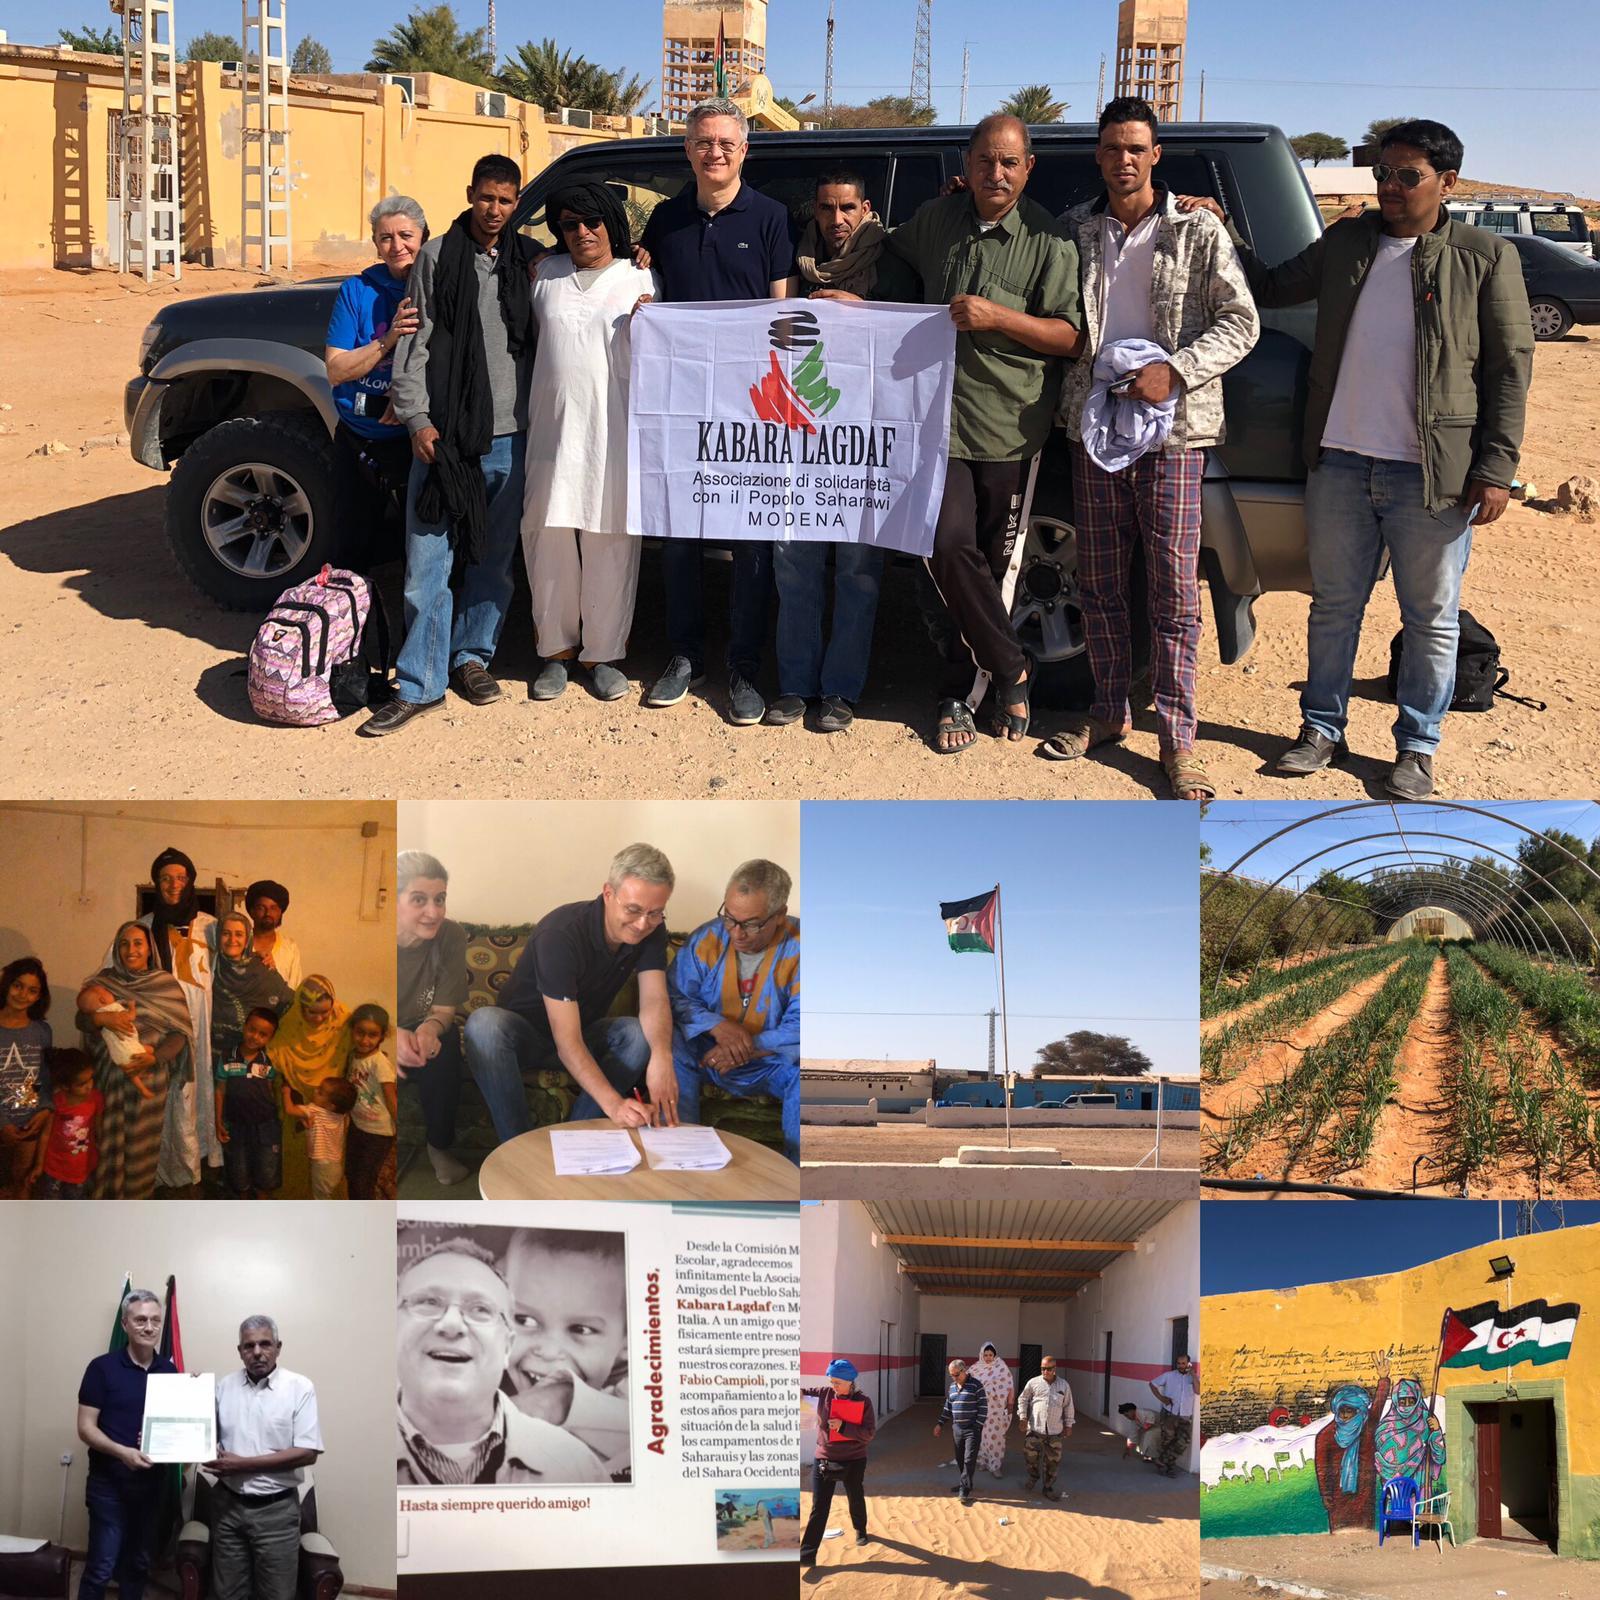 Sahara Occidentale, Una Missione Di Solidarietà E Di Speranza Per Il Popolo Saharawi